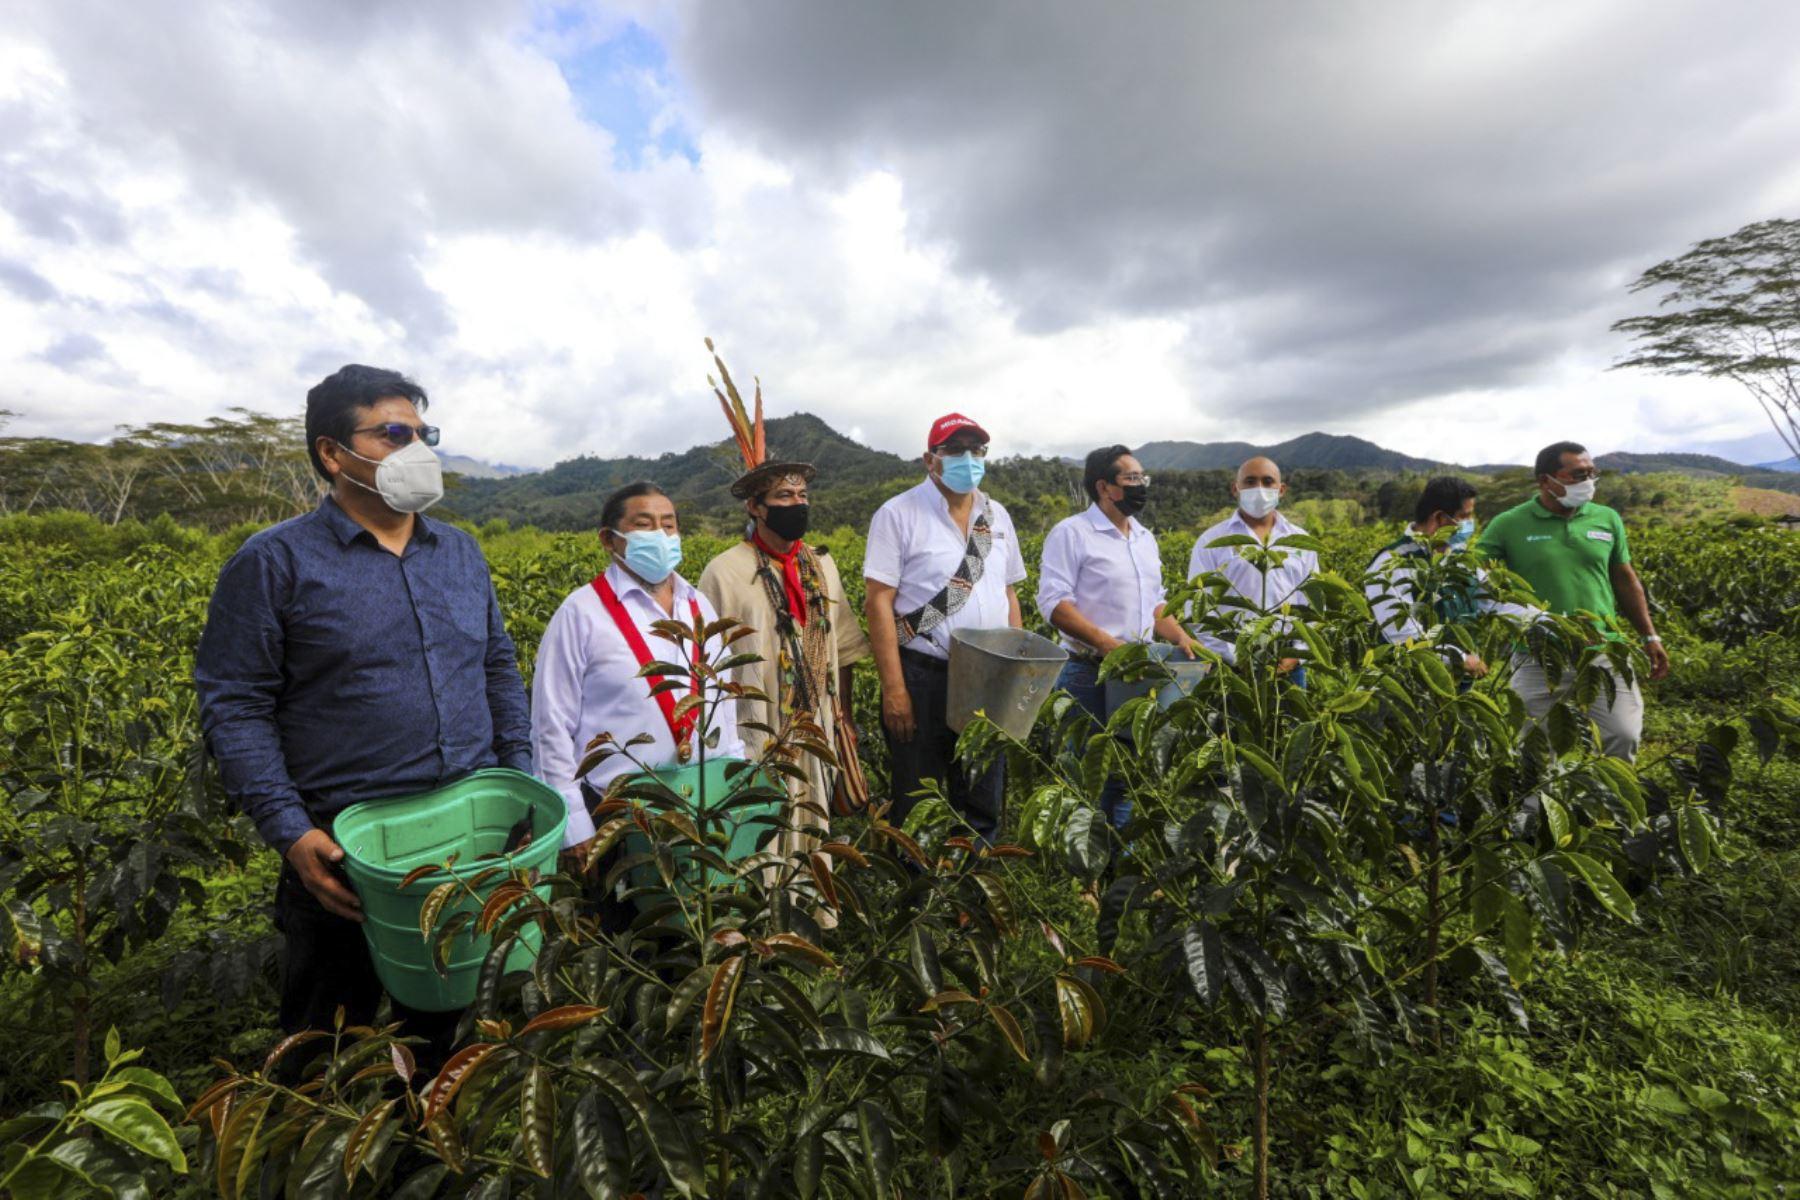 El proyecto de mejoramiento de los servicios de asistencia técnica y capacitación para el desarrollo de cinco cadenas productivas agrícolas de pequeños productores cuenta con una inversión de 10 millones de soles. Foto: ANDINA/Difusión